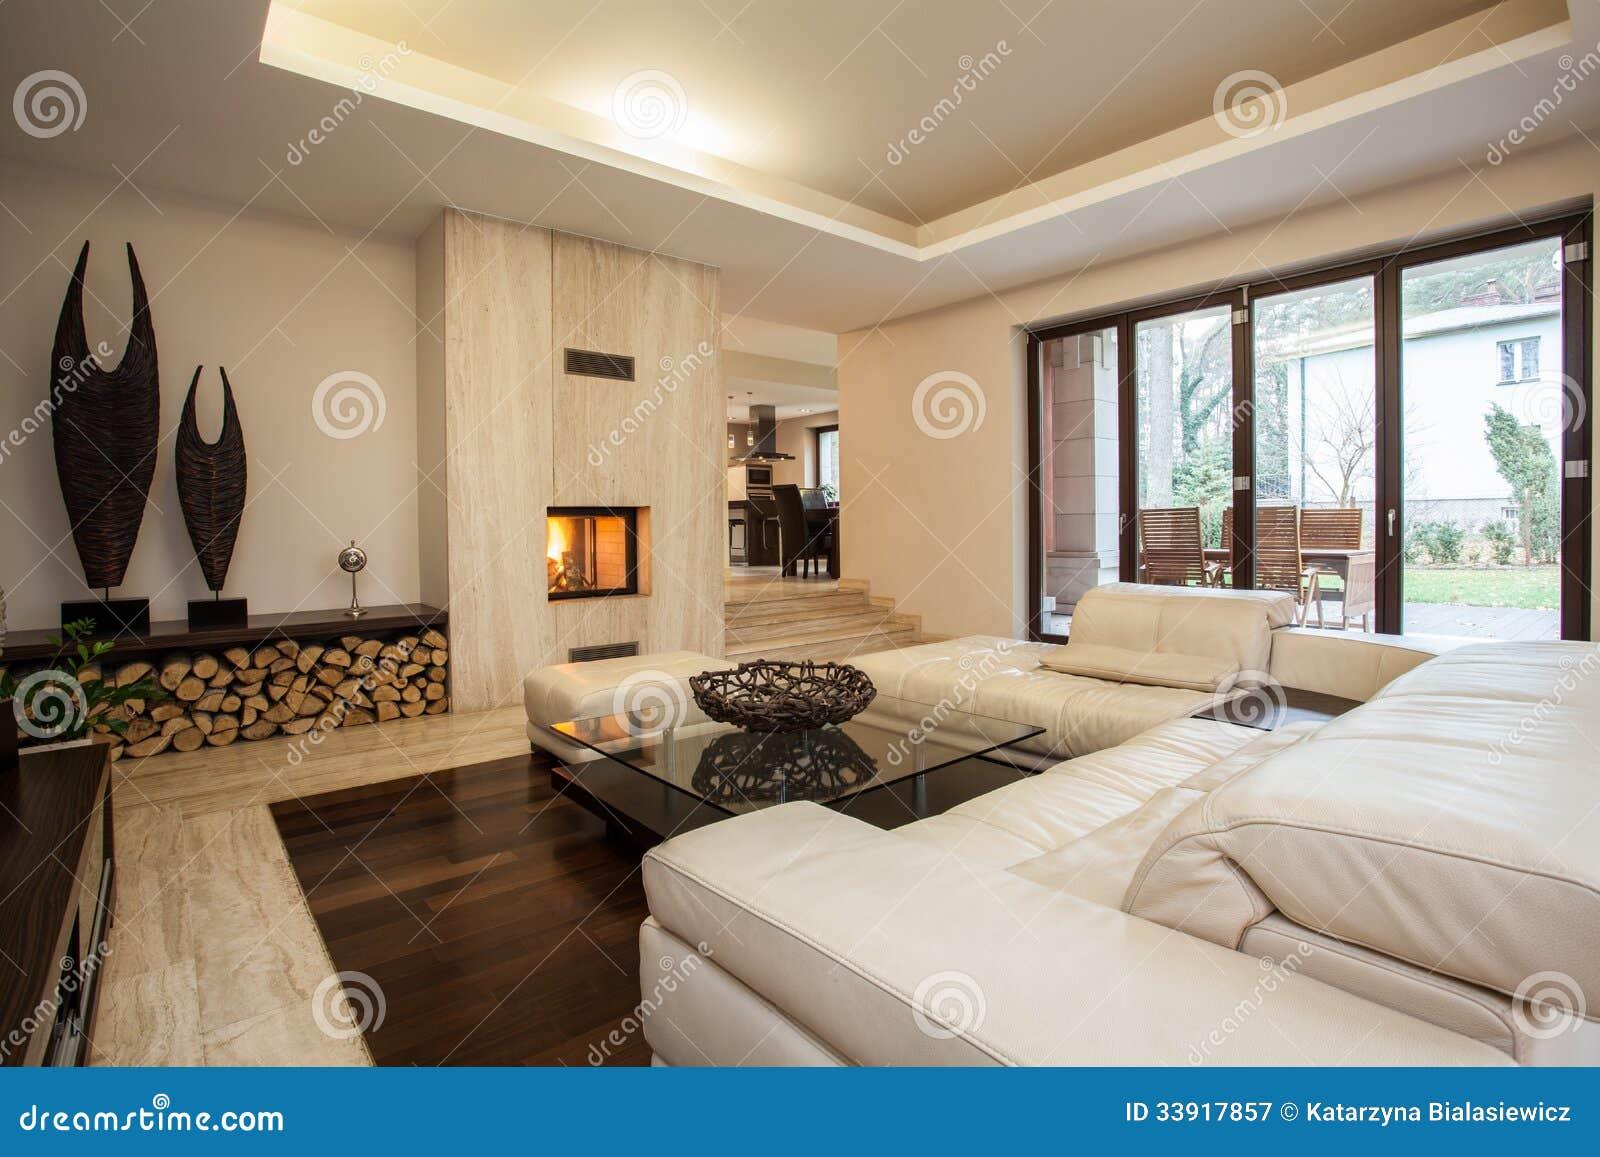 Maison de travertin salon image stock image du - Maison de l enfance salon de provence ...